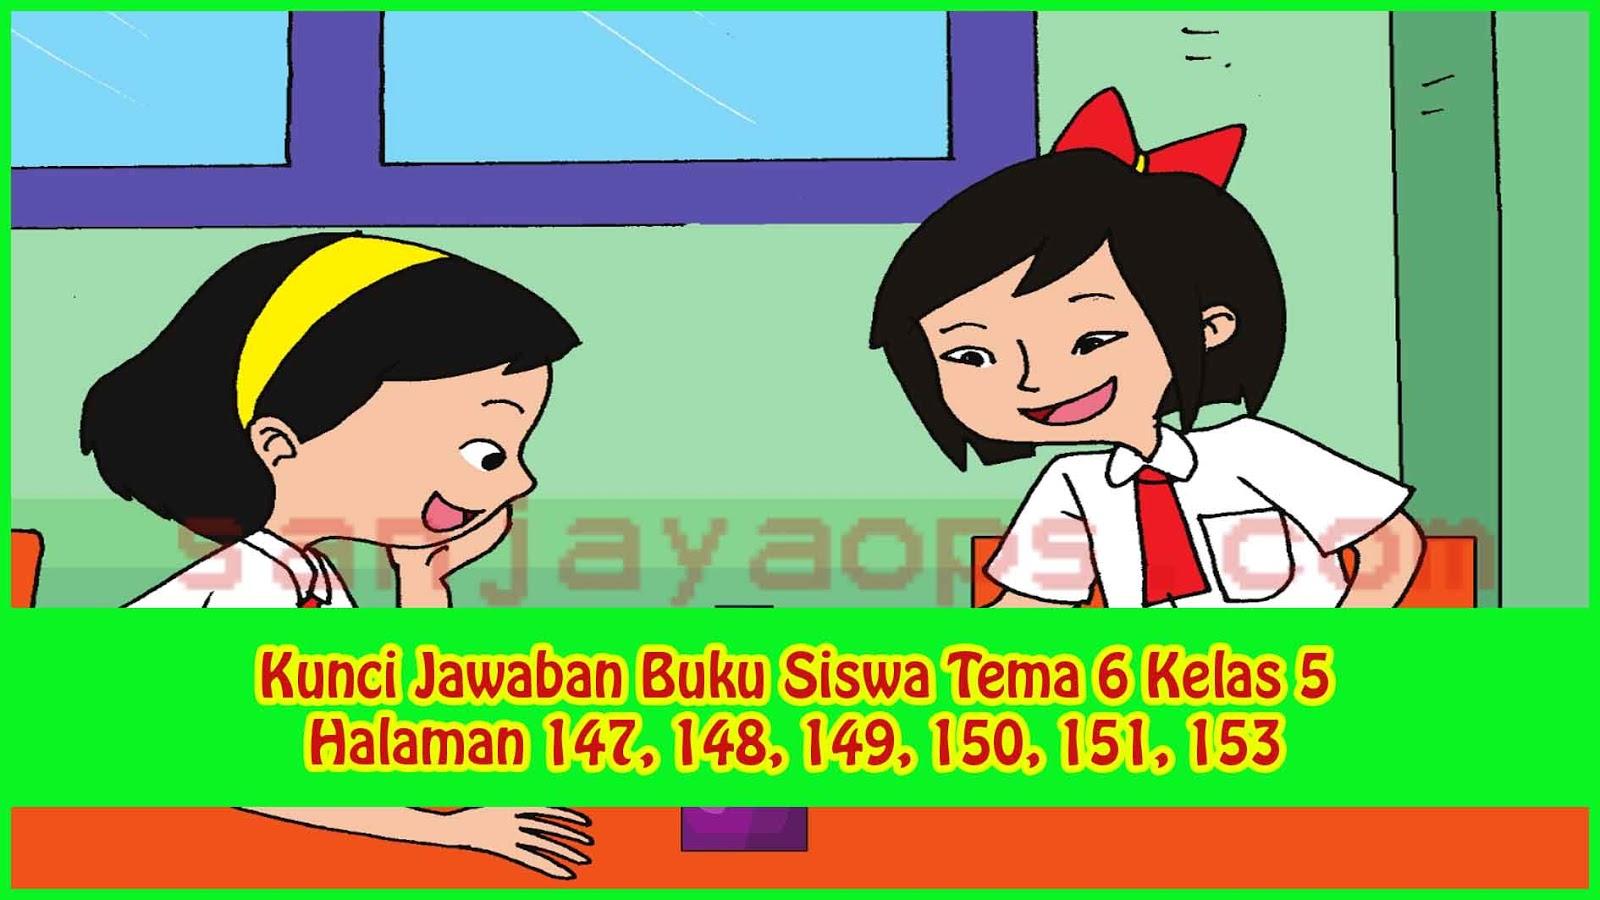 Kunci Jawaban Bahasa Indonesia Kelas 12 Pelajaran 5 Halaman 153